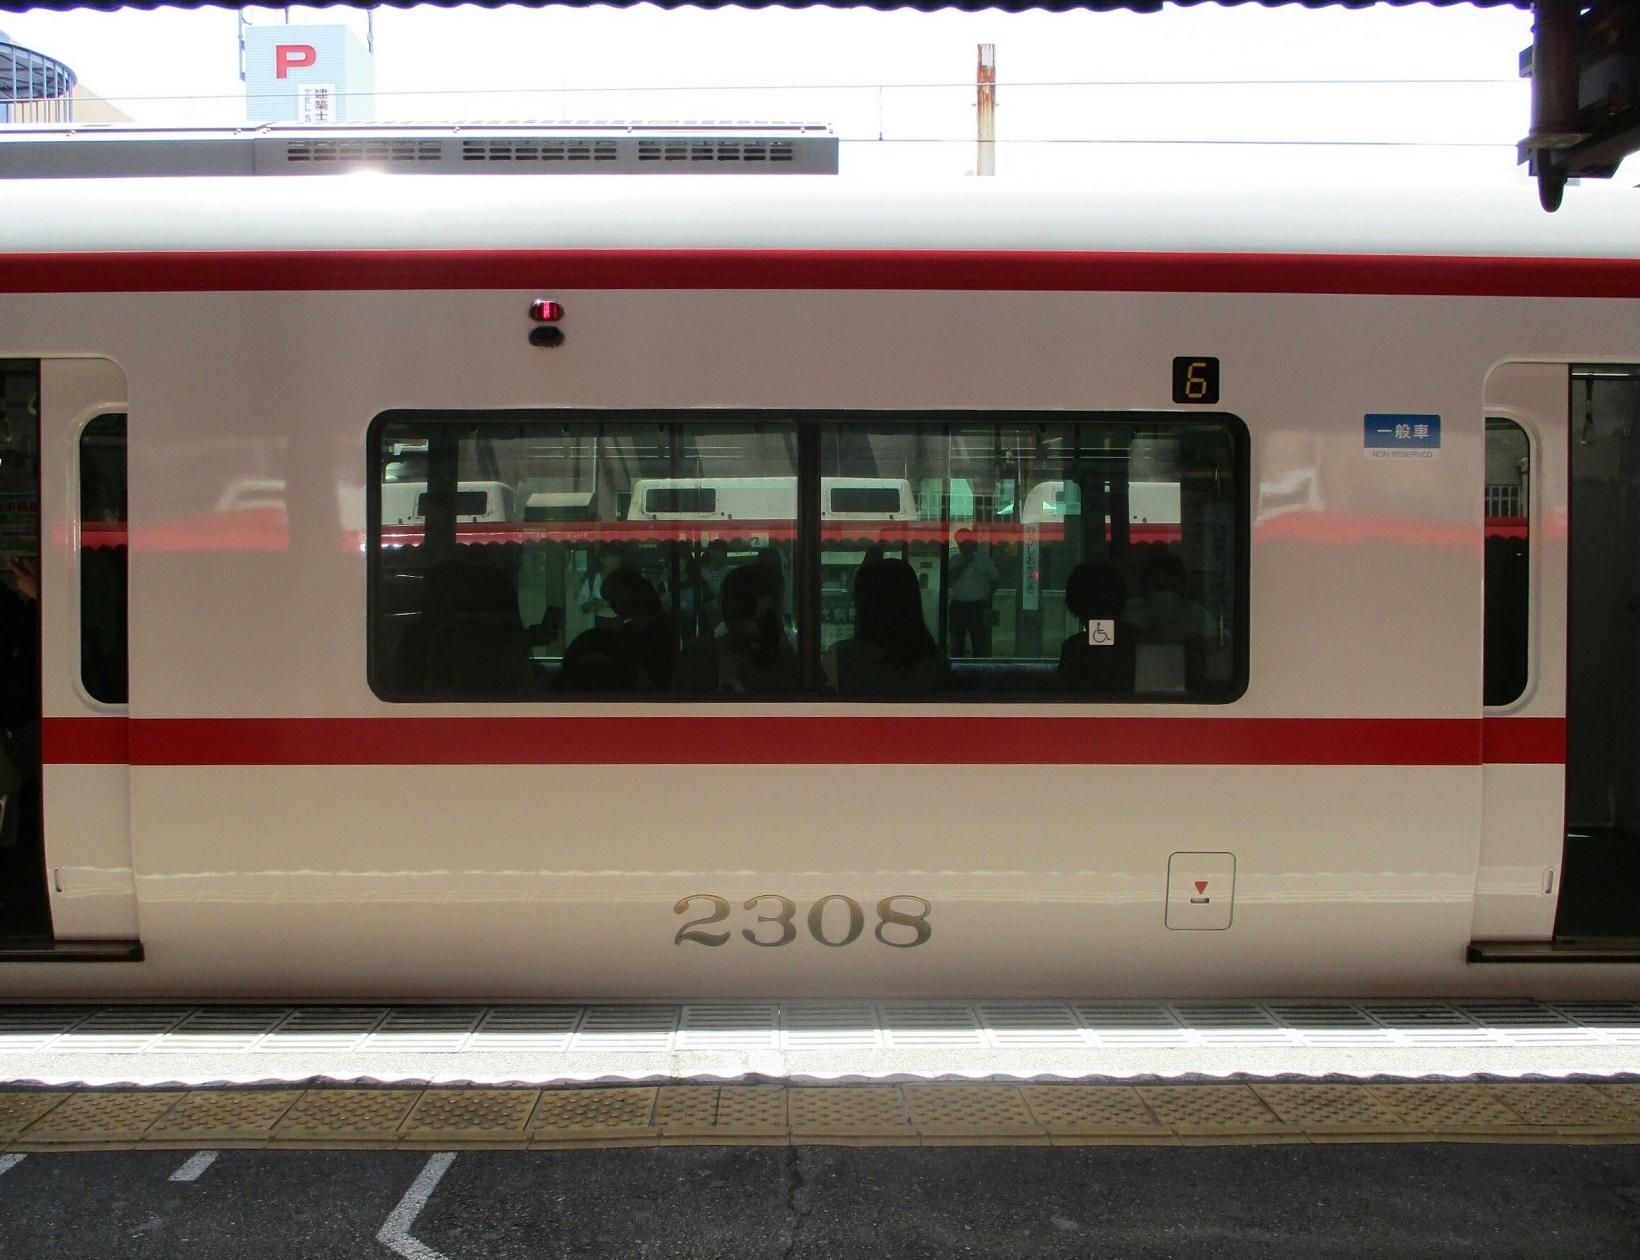 2018.7.31 (12) 東岡崎 - 豊橋いき快速特急 1640-1260